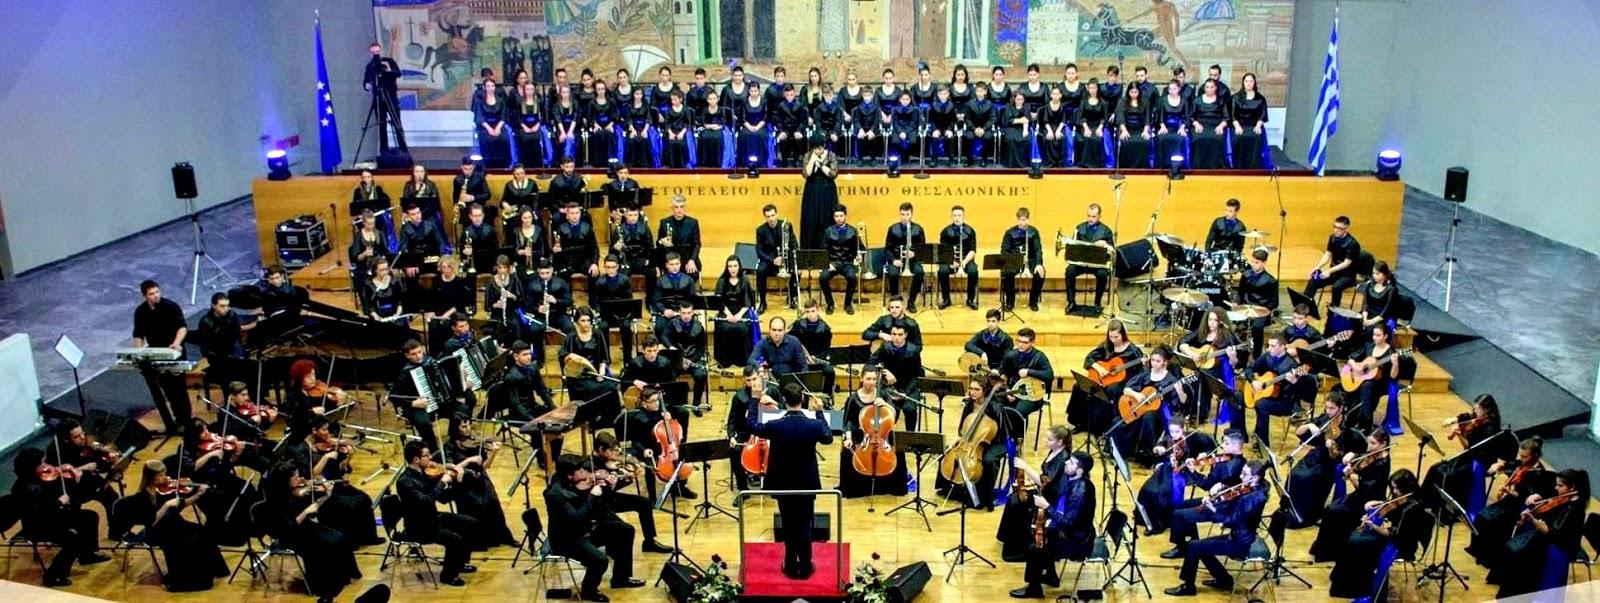 Αφιέρωμα στην Συμφωνική Ορχήστρα Νέων Ελλάδος (ΦΩΤΟ-VIDEO) {featured}